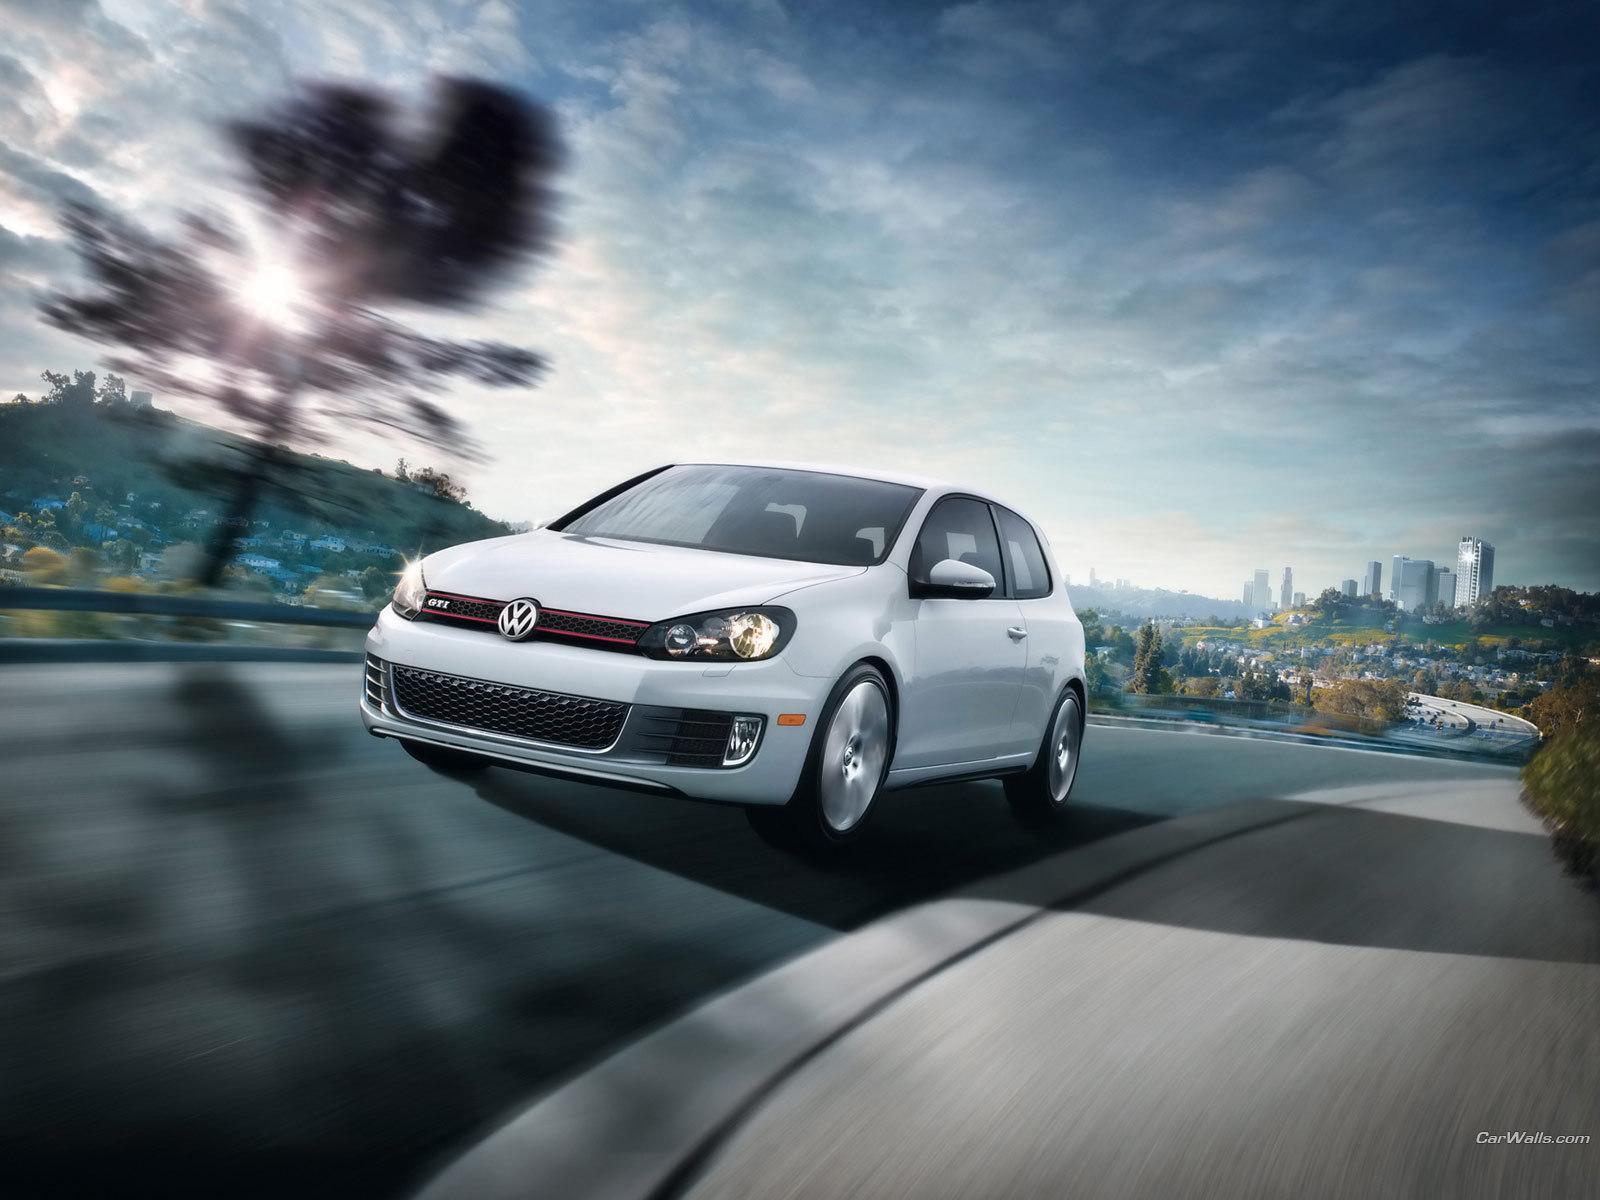 25 Volkswagen Wallpaper Pictures